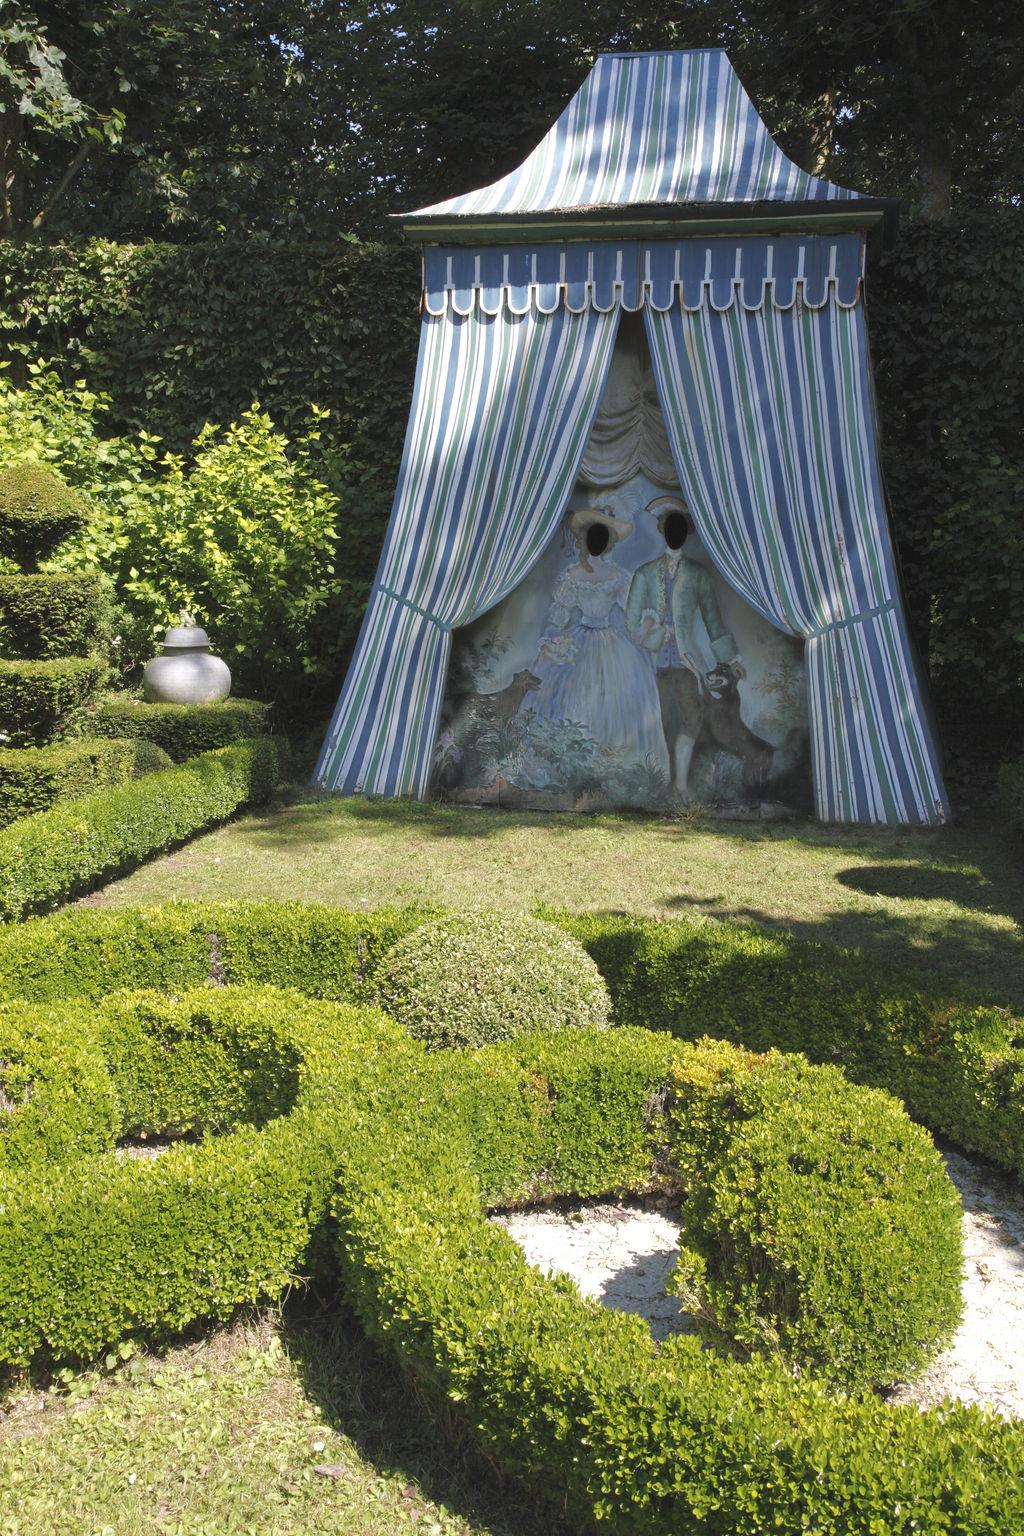 Jard n acu tico sorpresa y jard n privado del castillo for Jardin acuatico